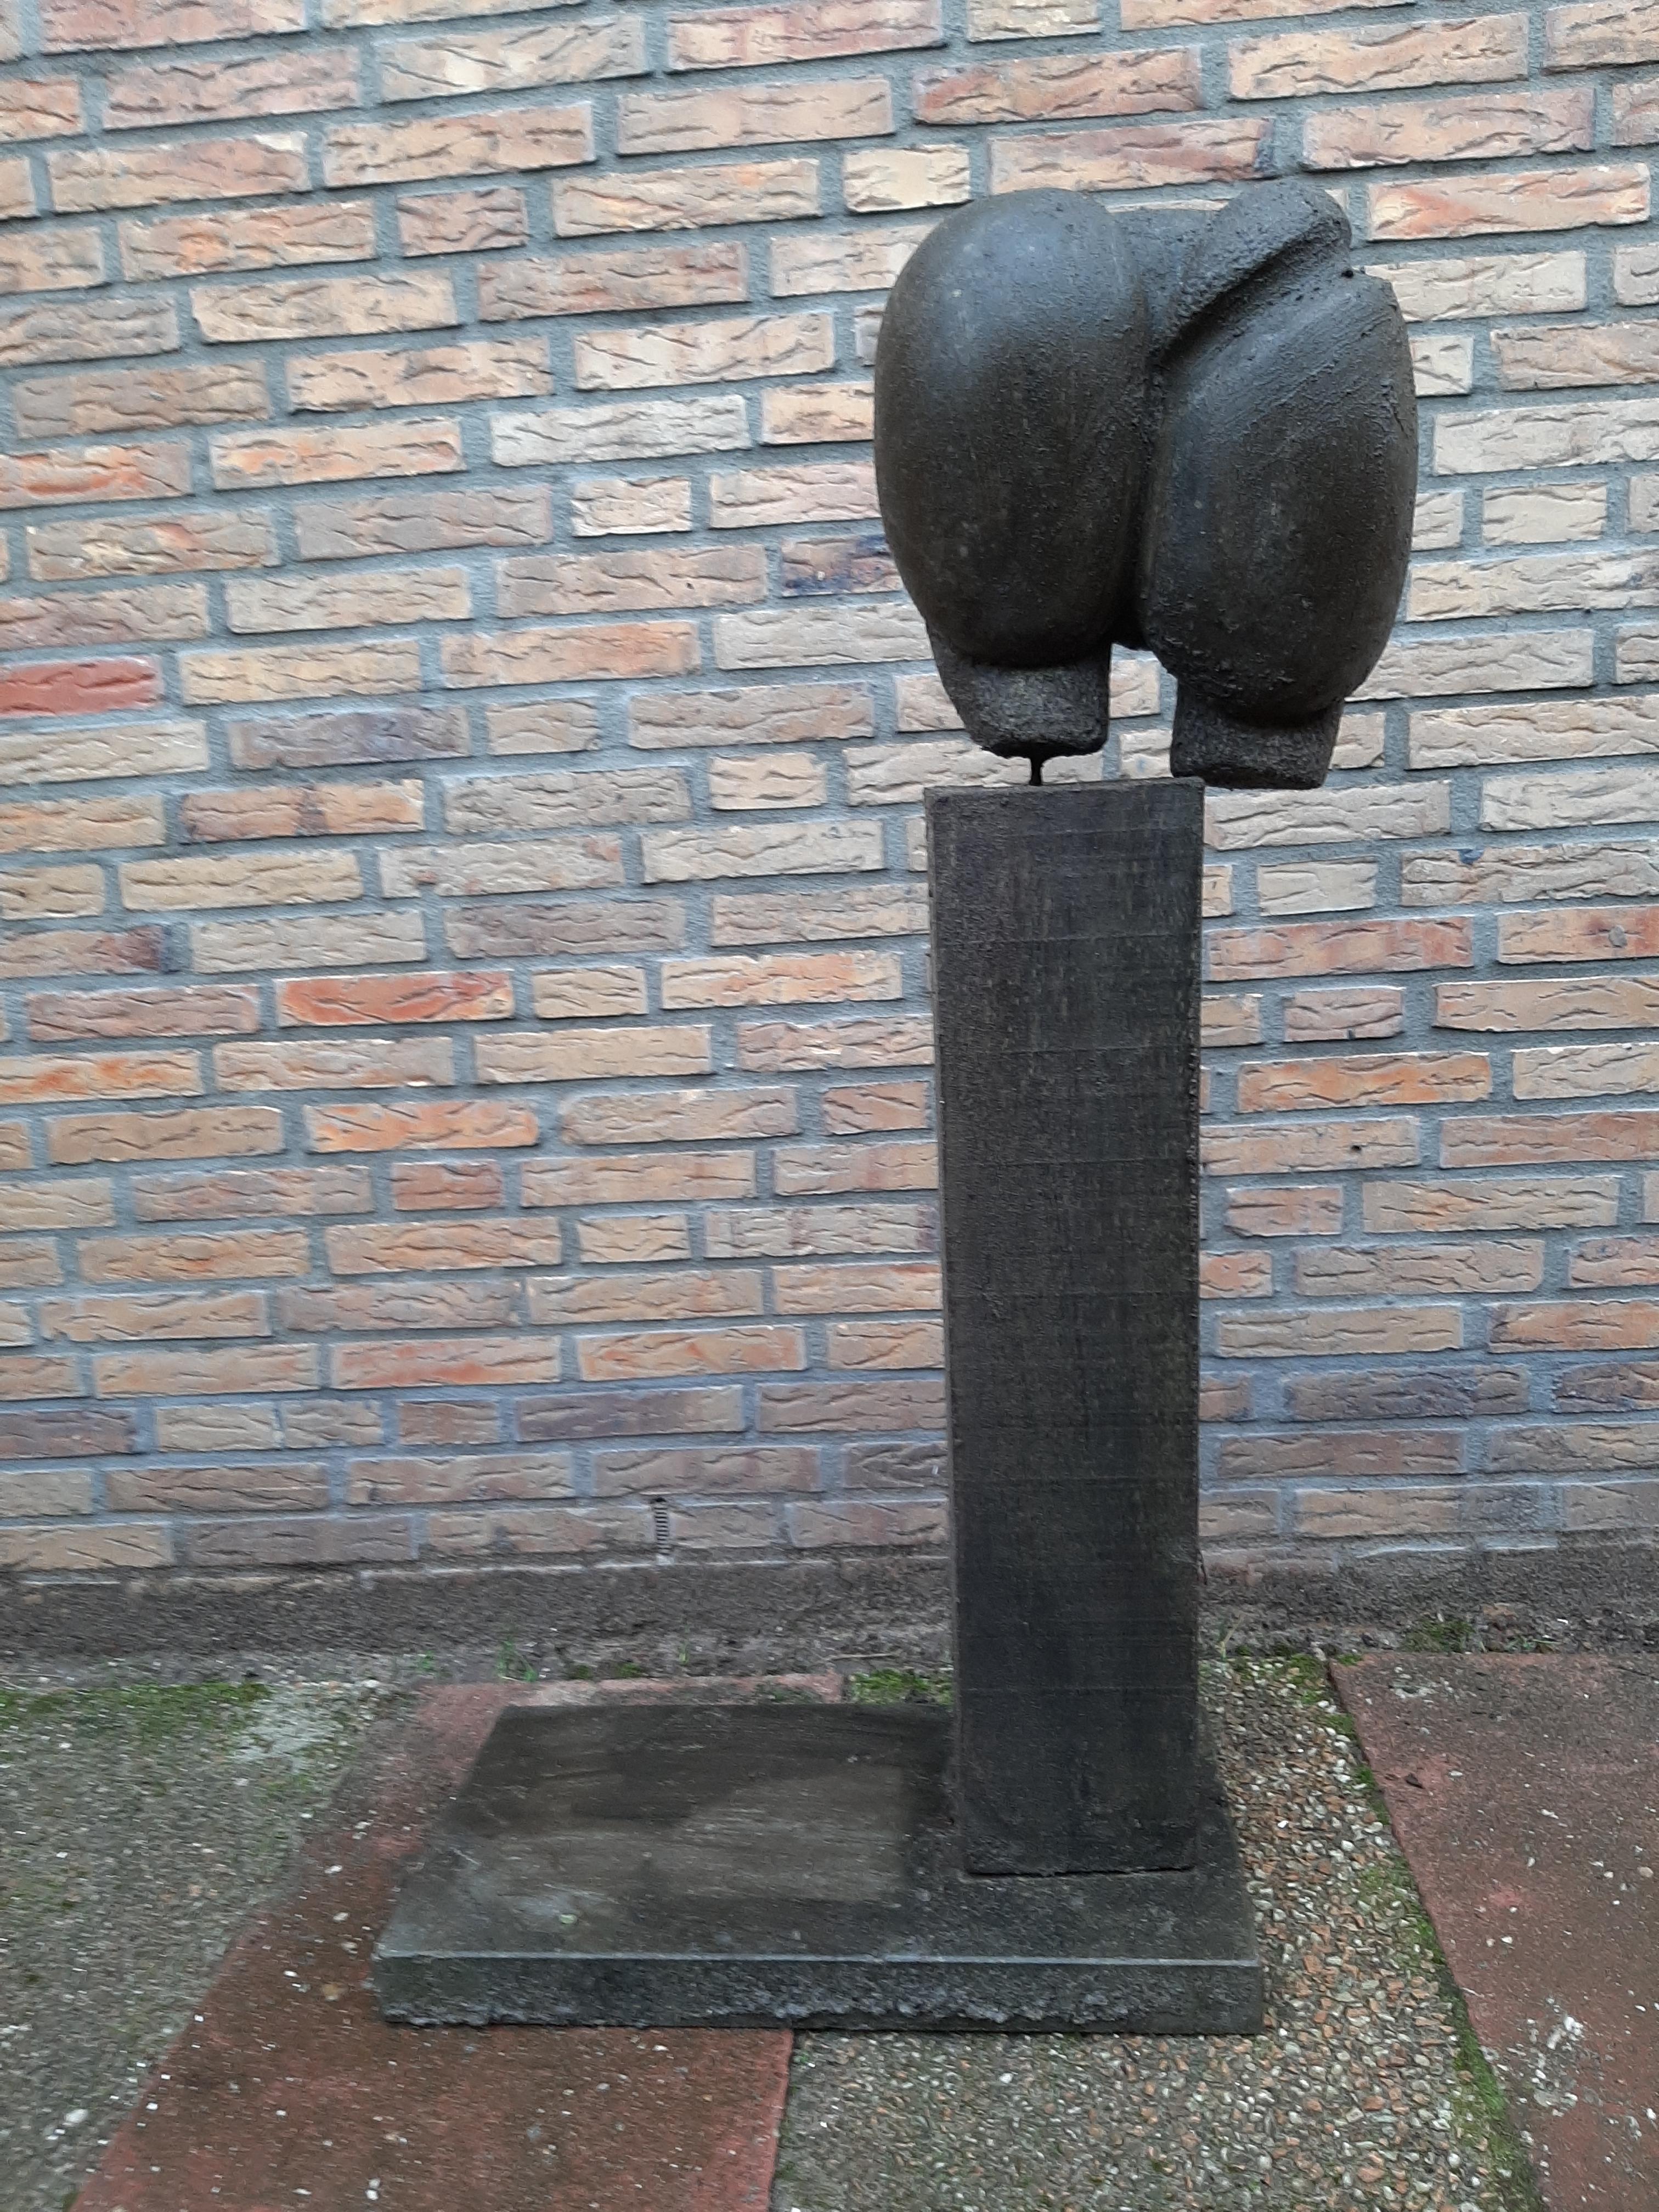 Weesbeeld niet van gemeente Heemskerk: 'Misschien komt het uit een tuin, en heeft iemand het hier gedumpt omdat het te zwaar was'